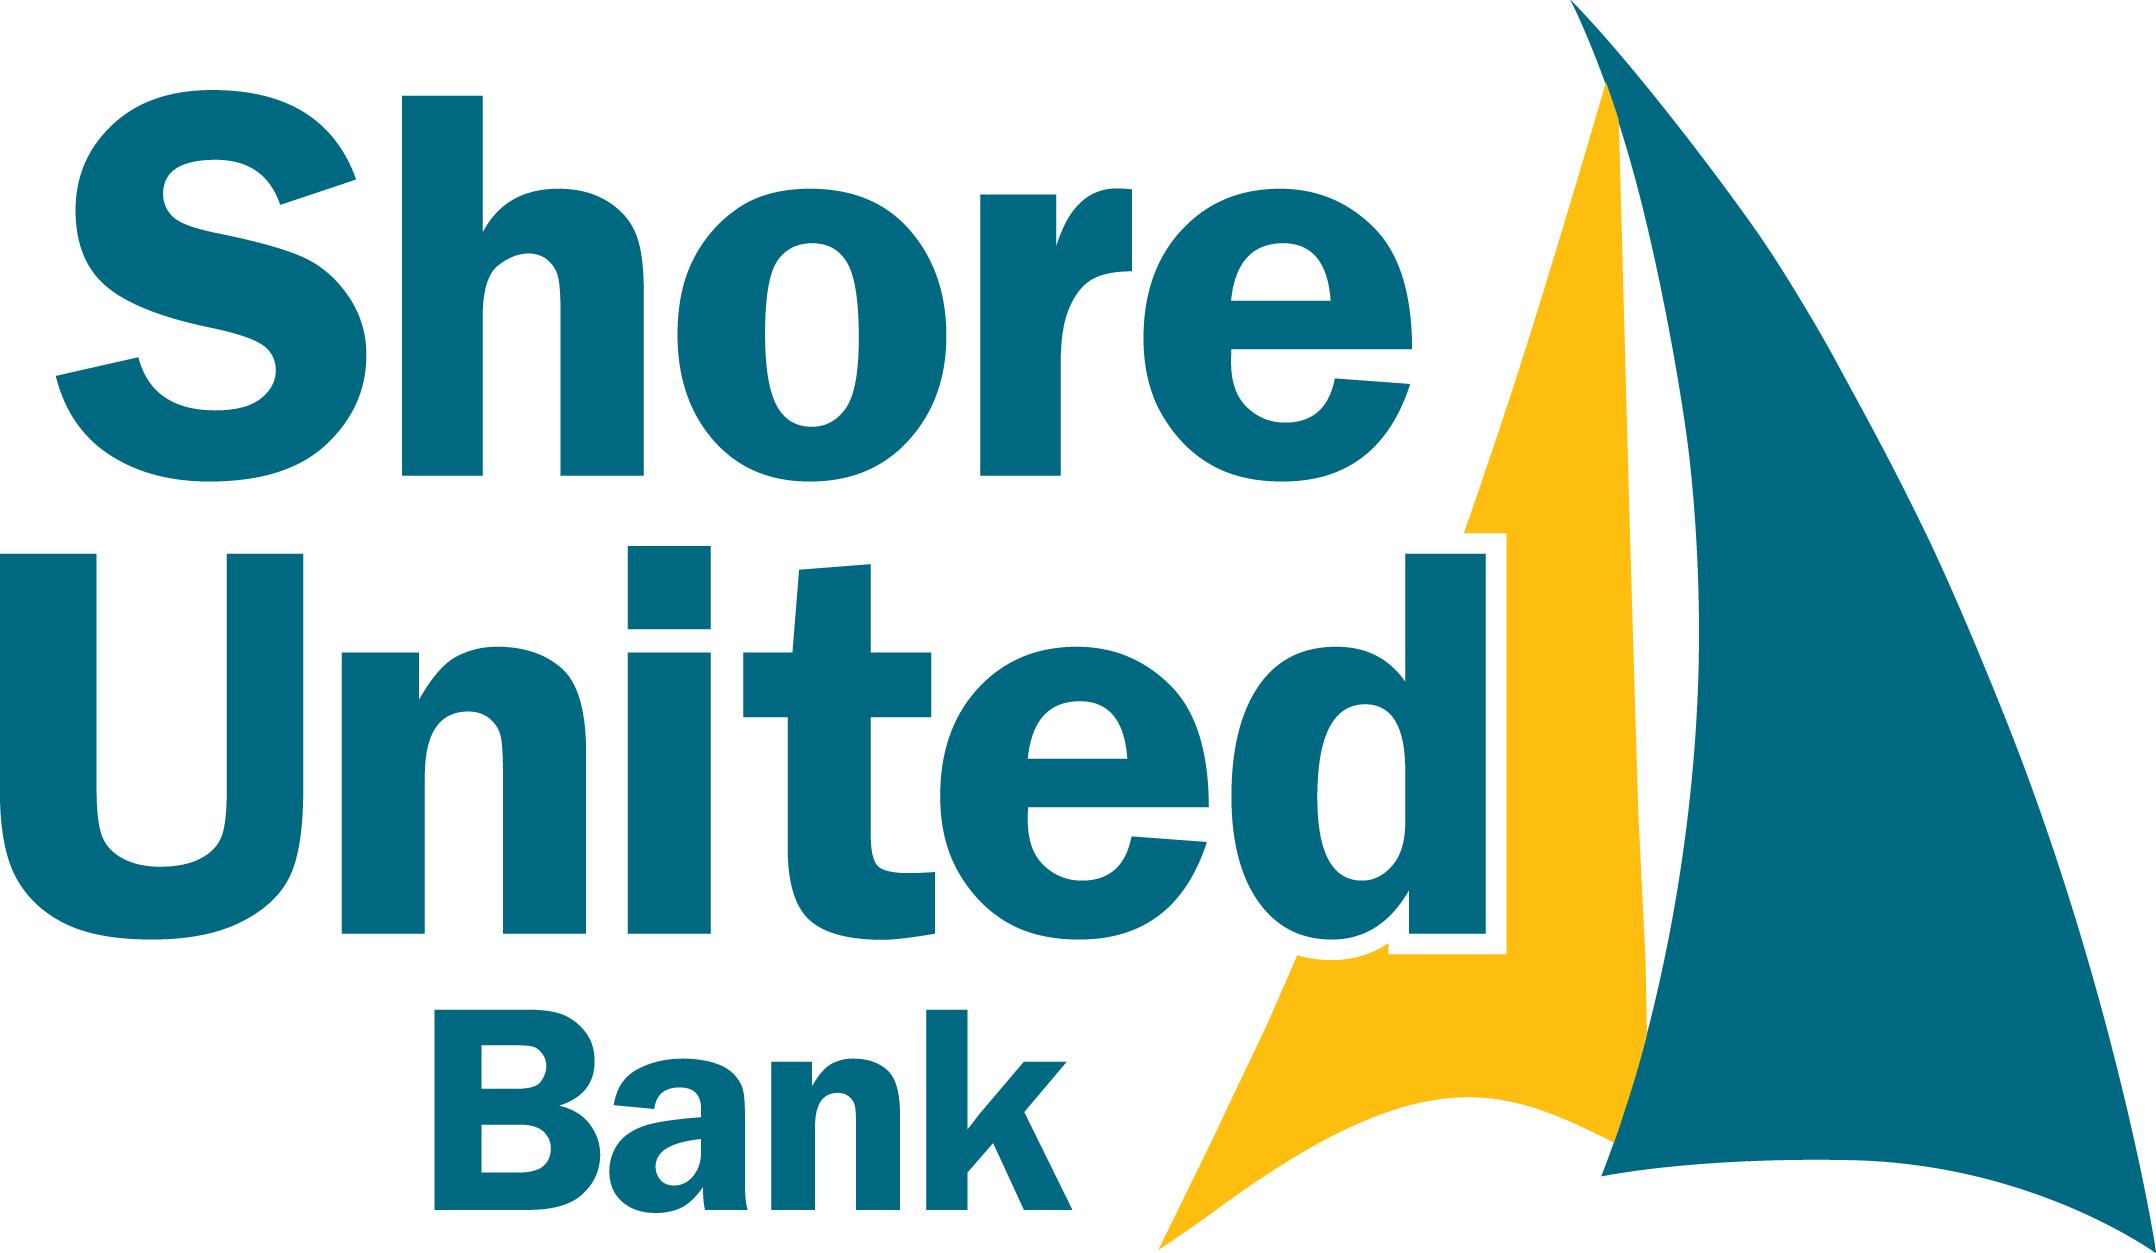 Shore United